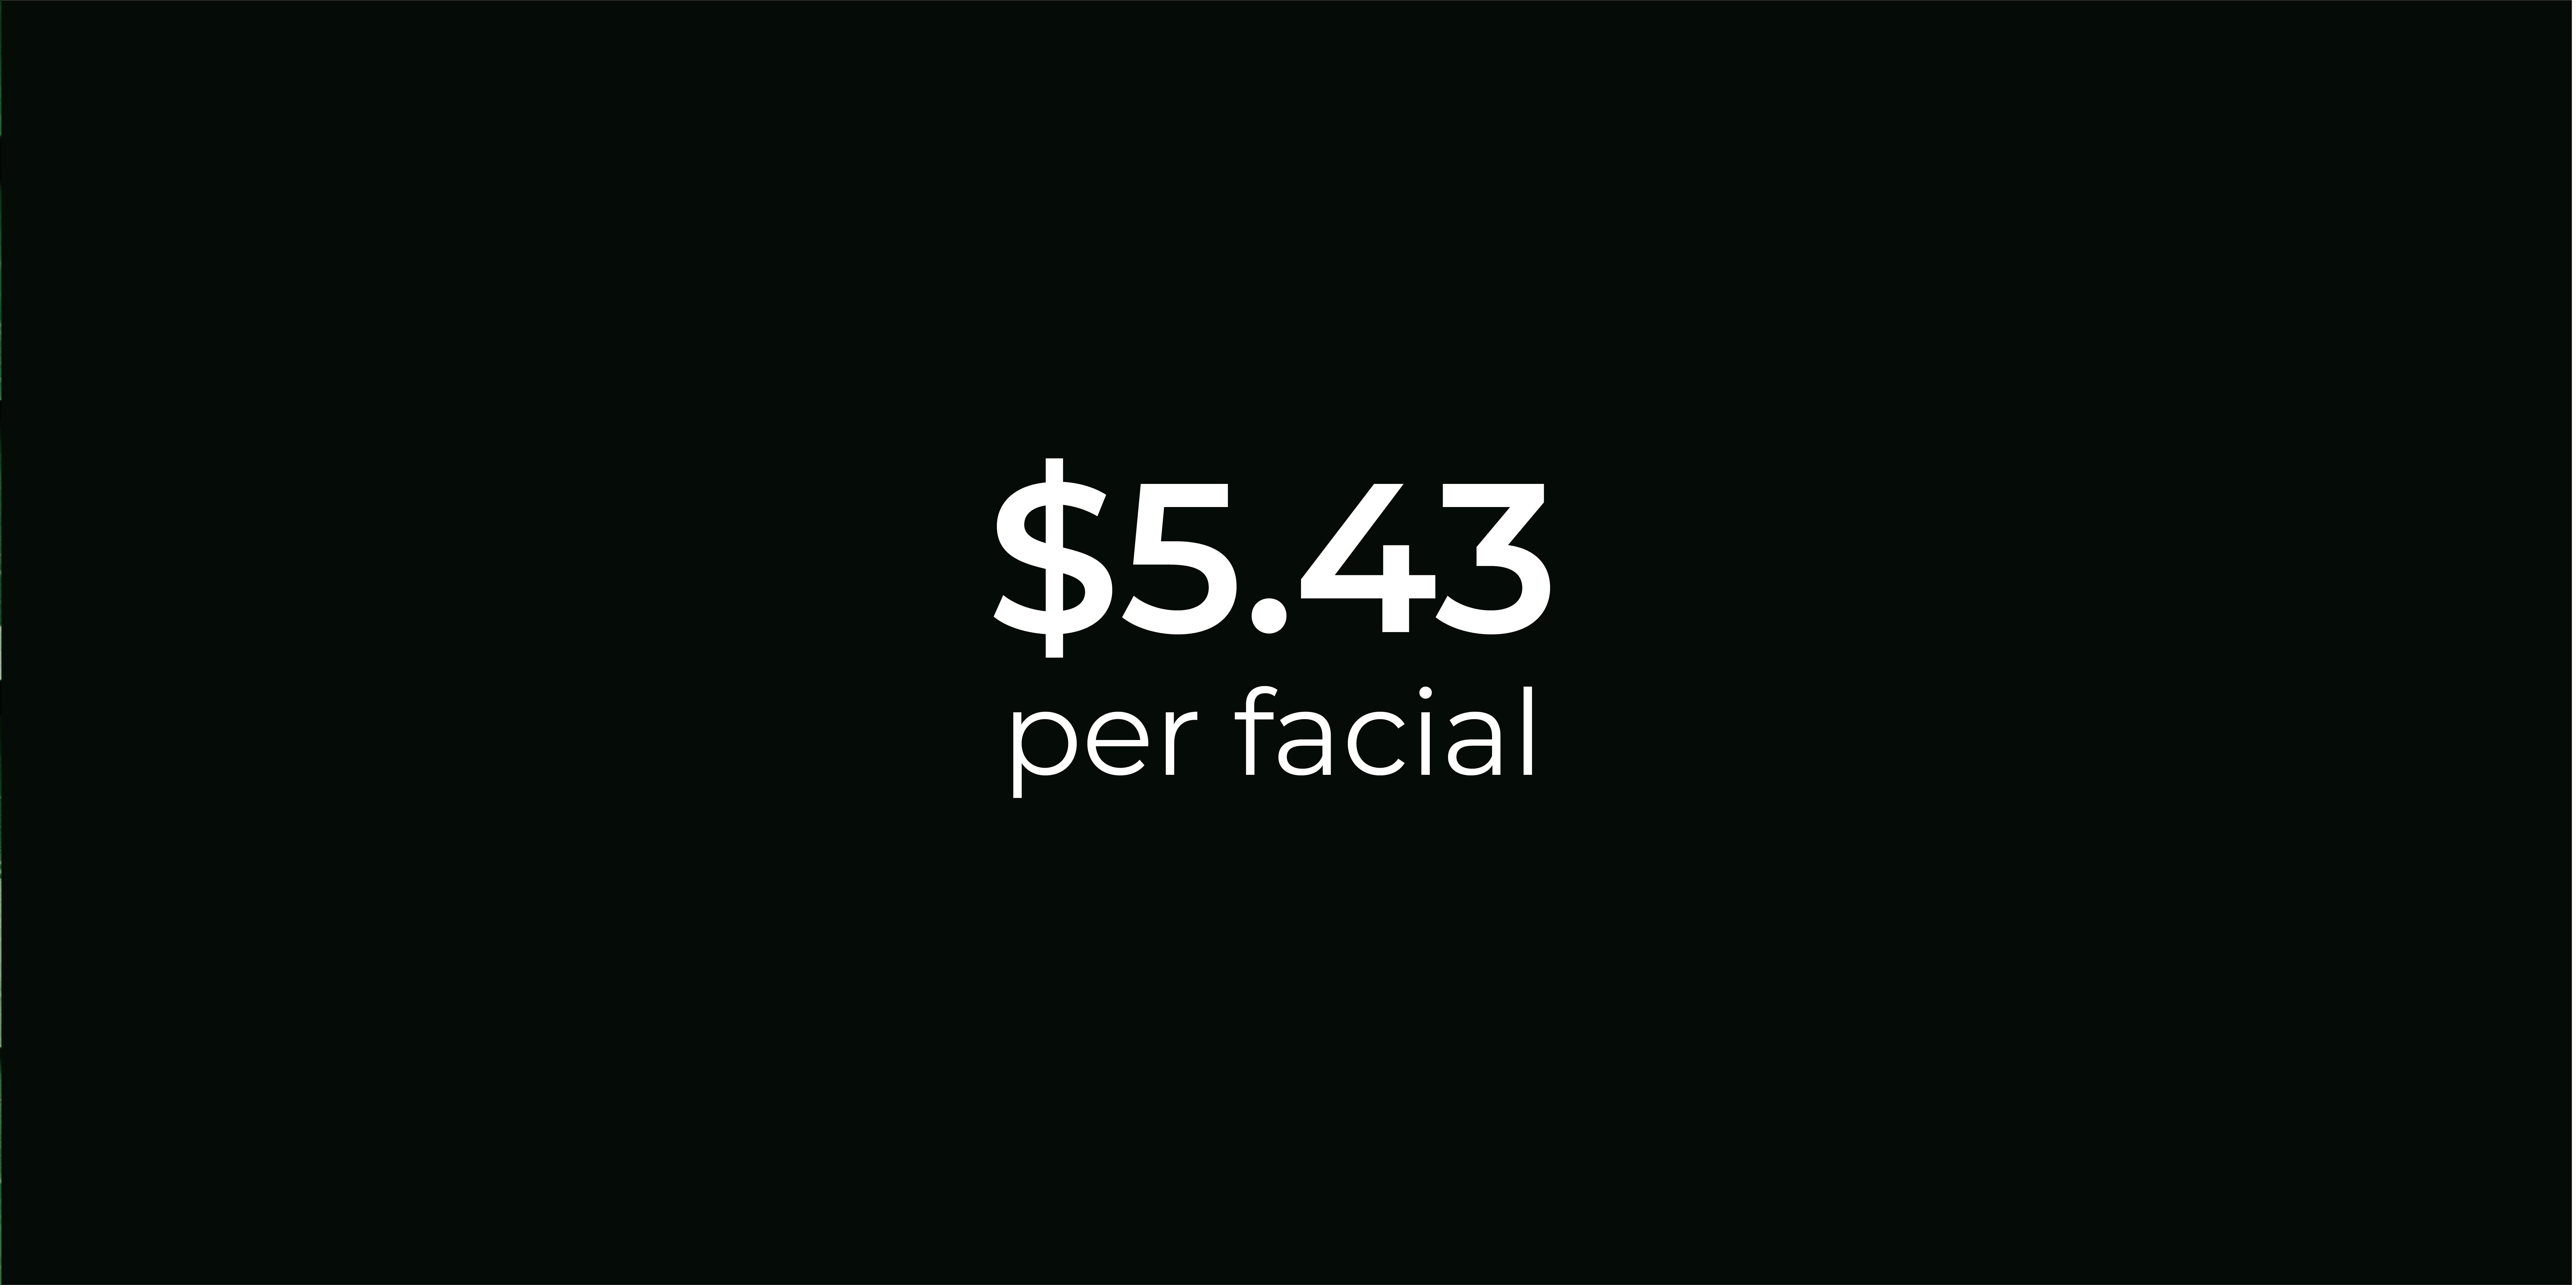 Cost Per Facial